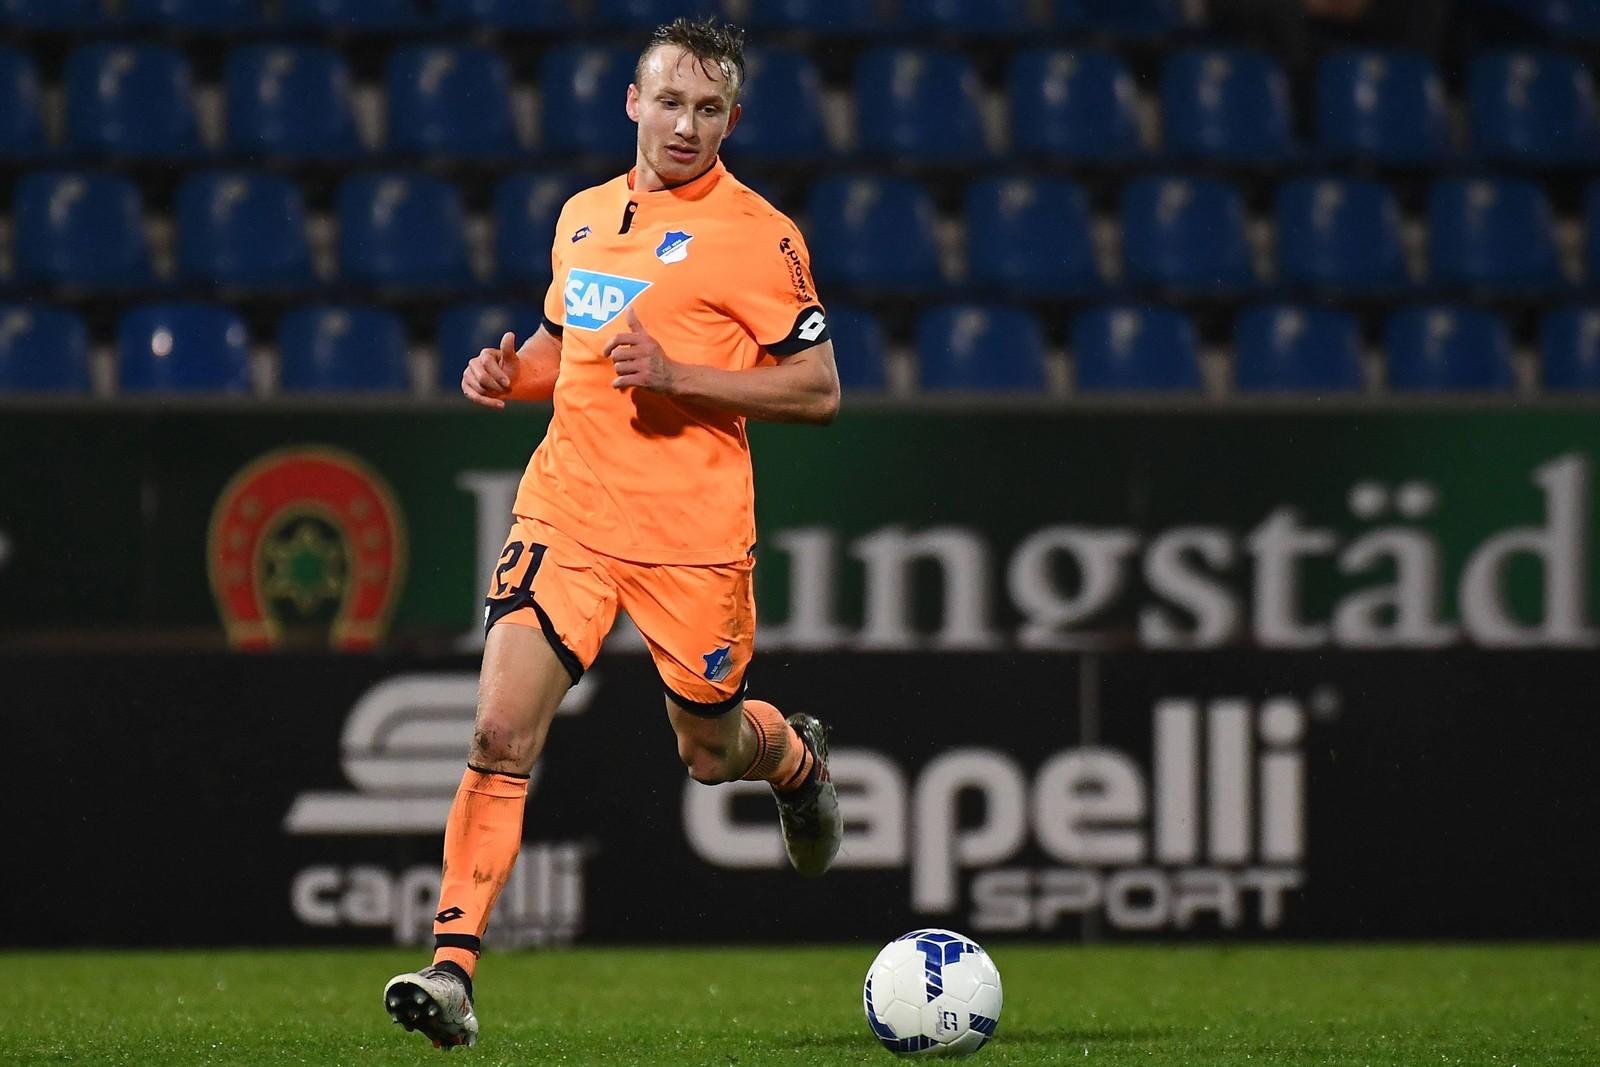 Jannik Dehm am Ball in der Regionalliga Südwest